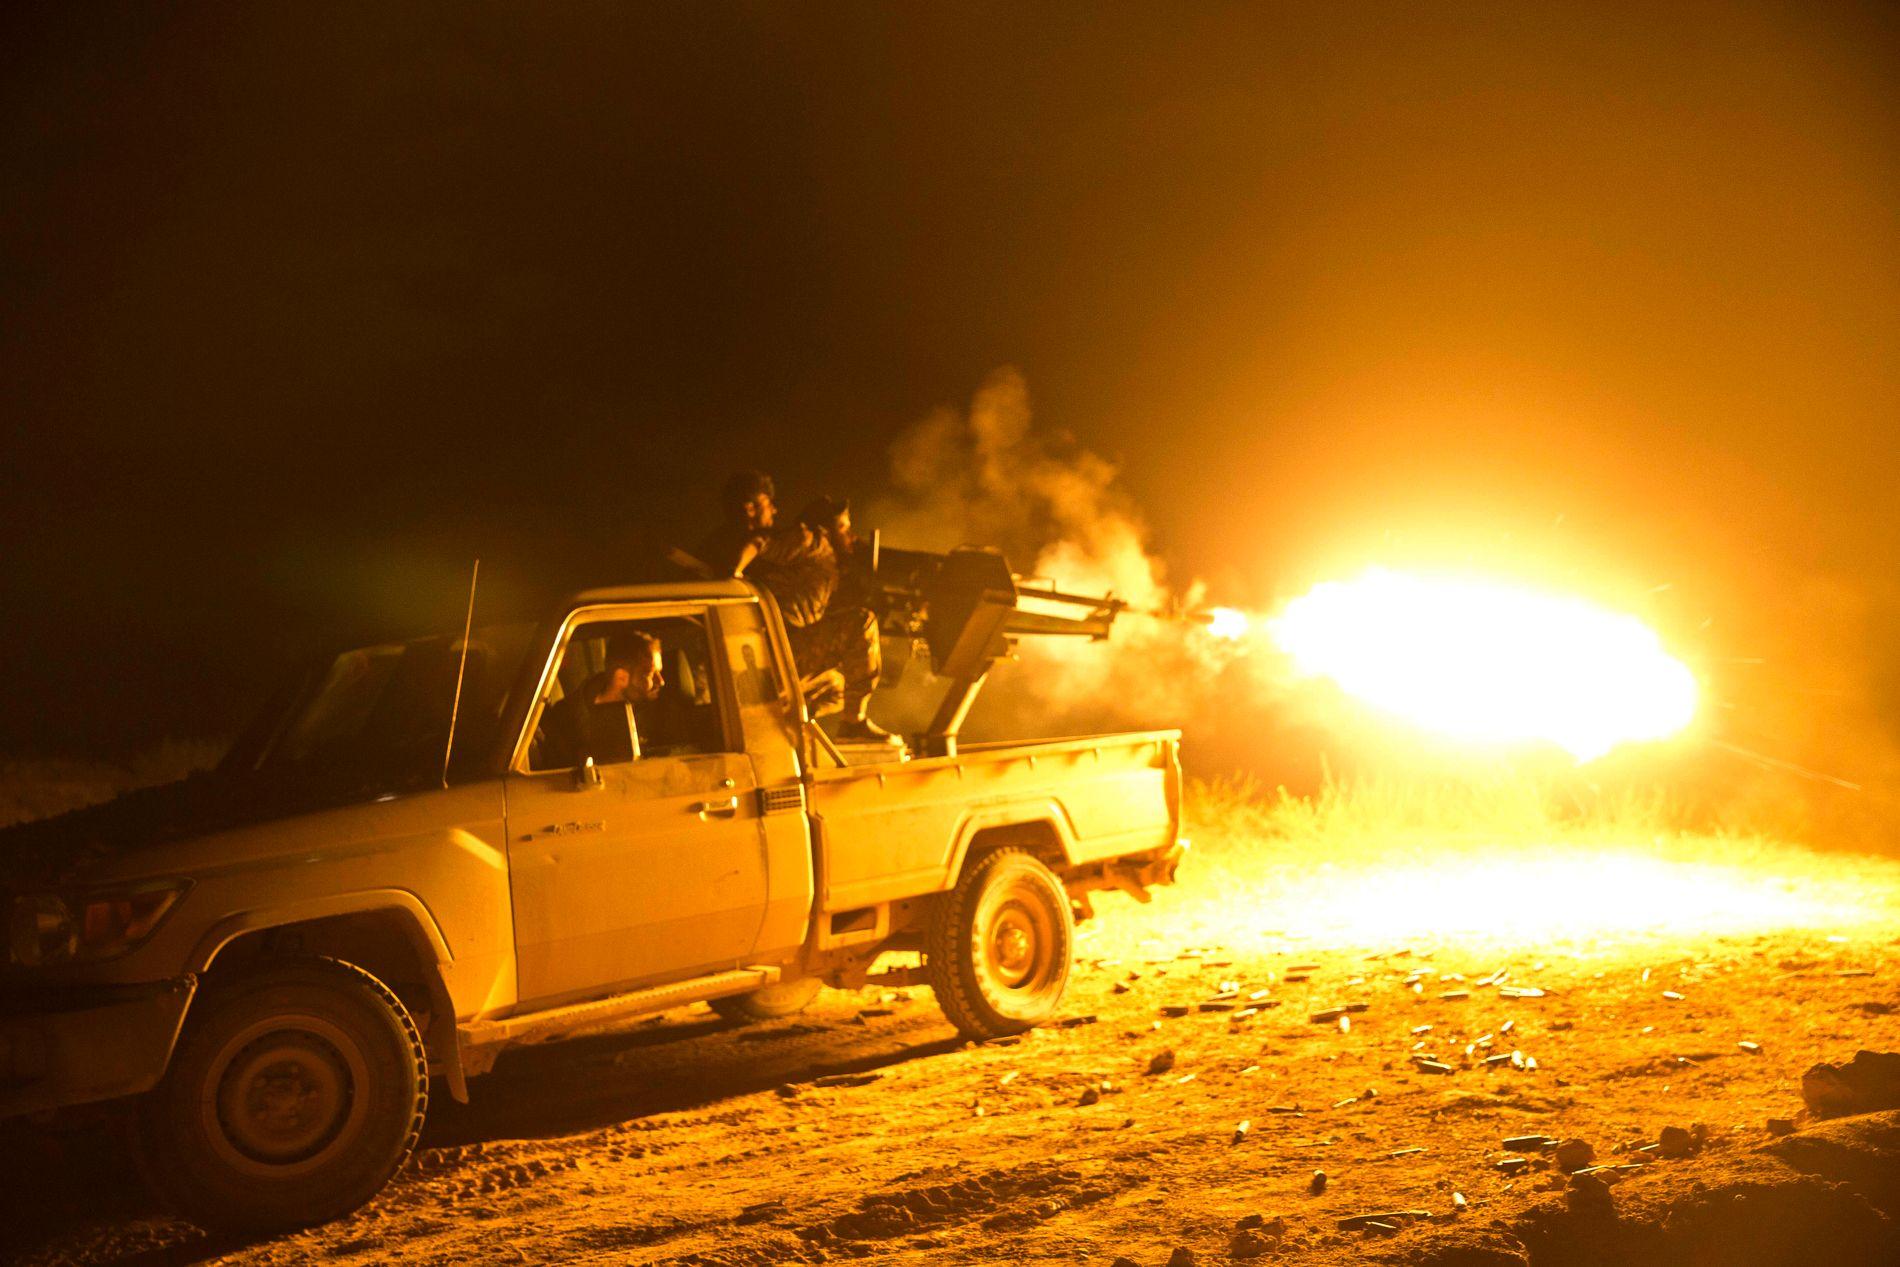 DET SISTE SLAGET: De USA-støttede kurdiske styrkene SDF kjemper fortsatt mot de gjenværende IS-krigerne i Baghouz i Øst-Syria.